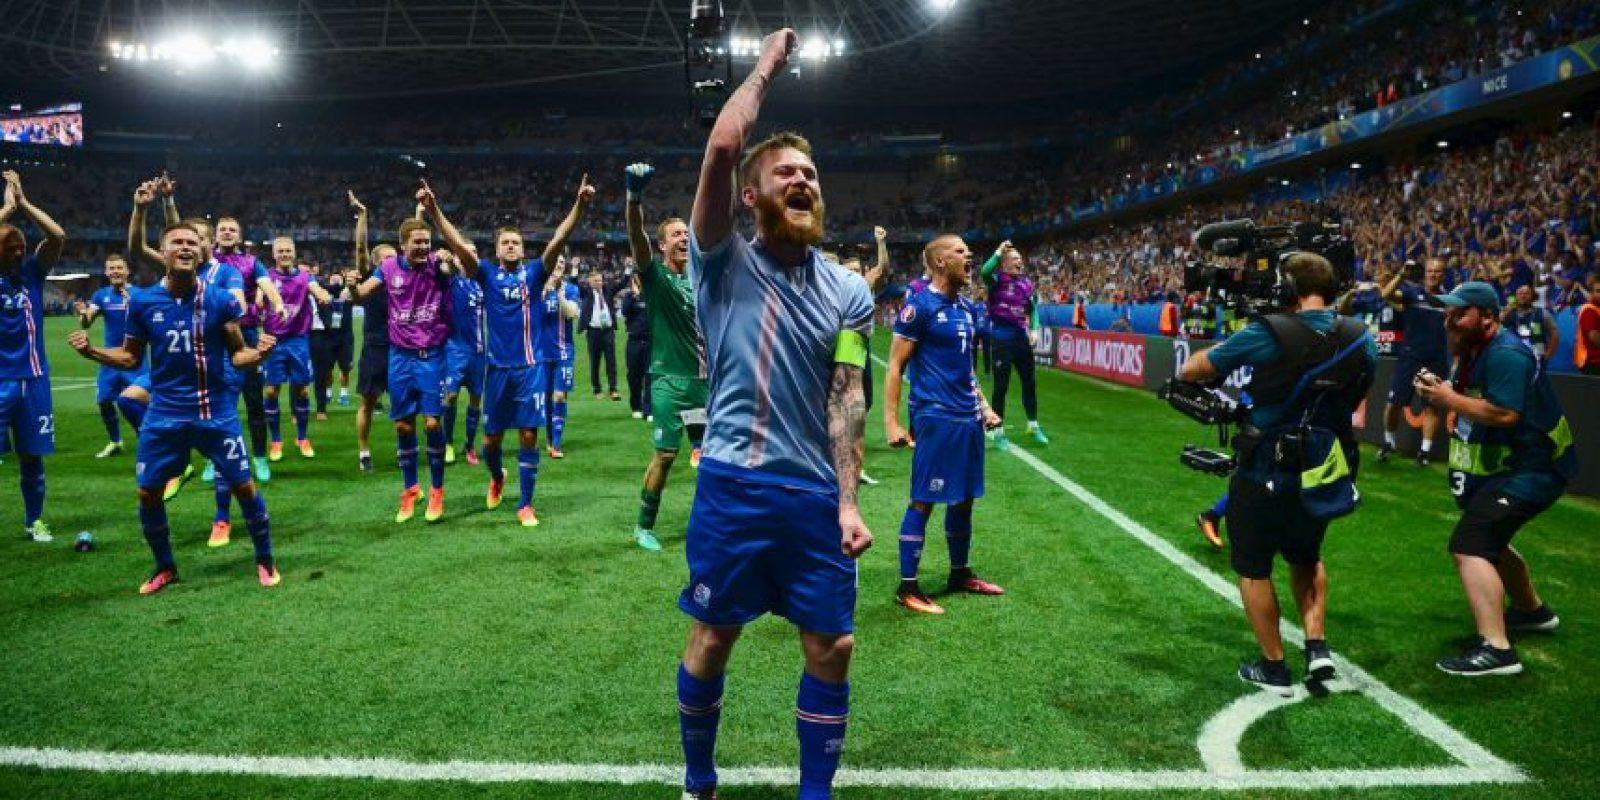 Muchos están esperando que su gesta histórica tenga un nuevo capítulo Foto:Getty Images